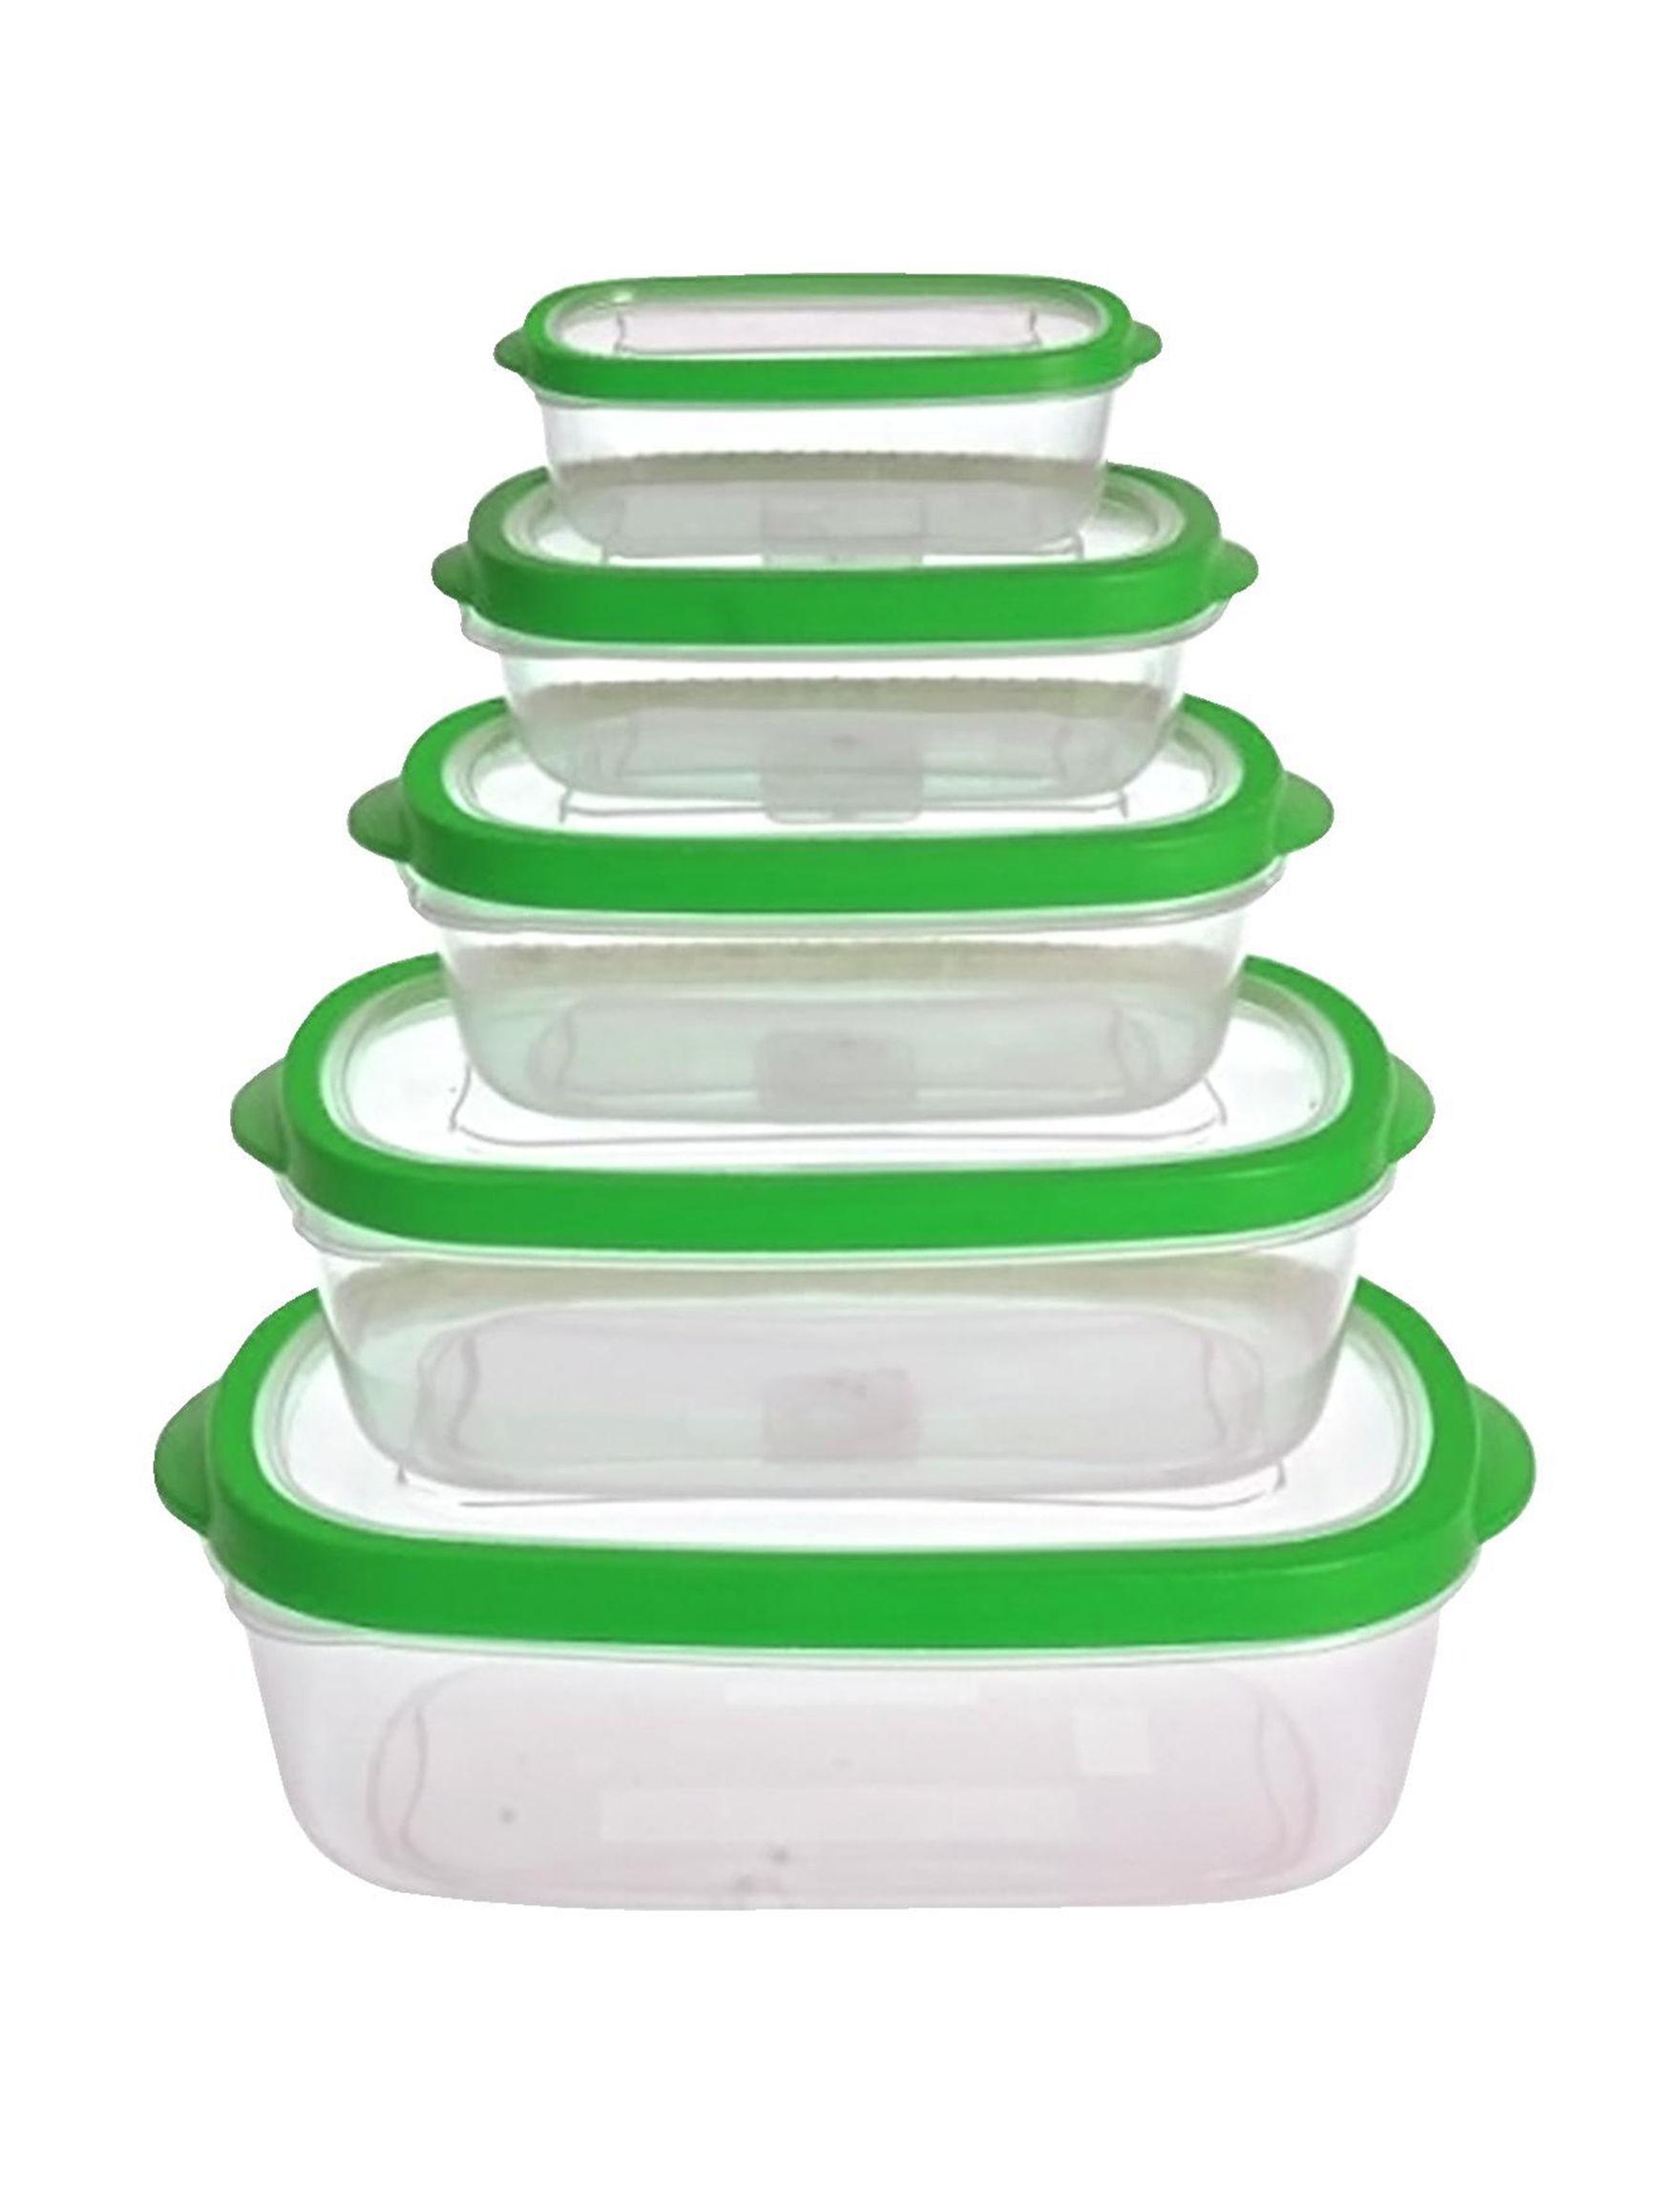 Farberware Green Kitchen Storage & Organization